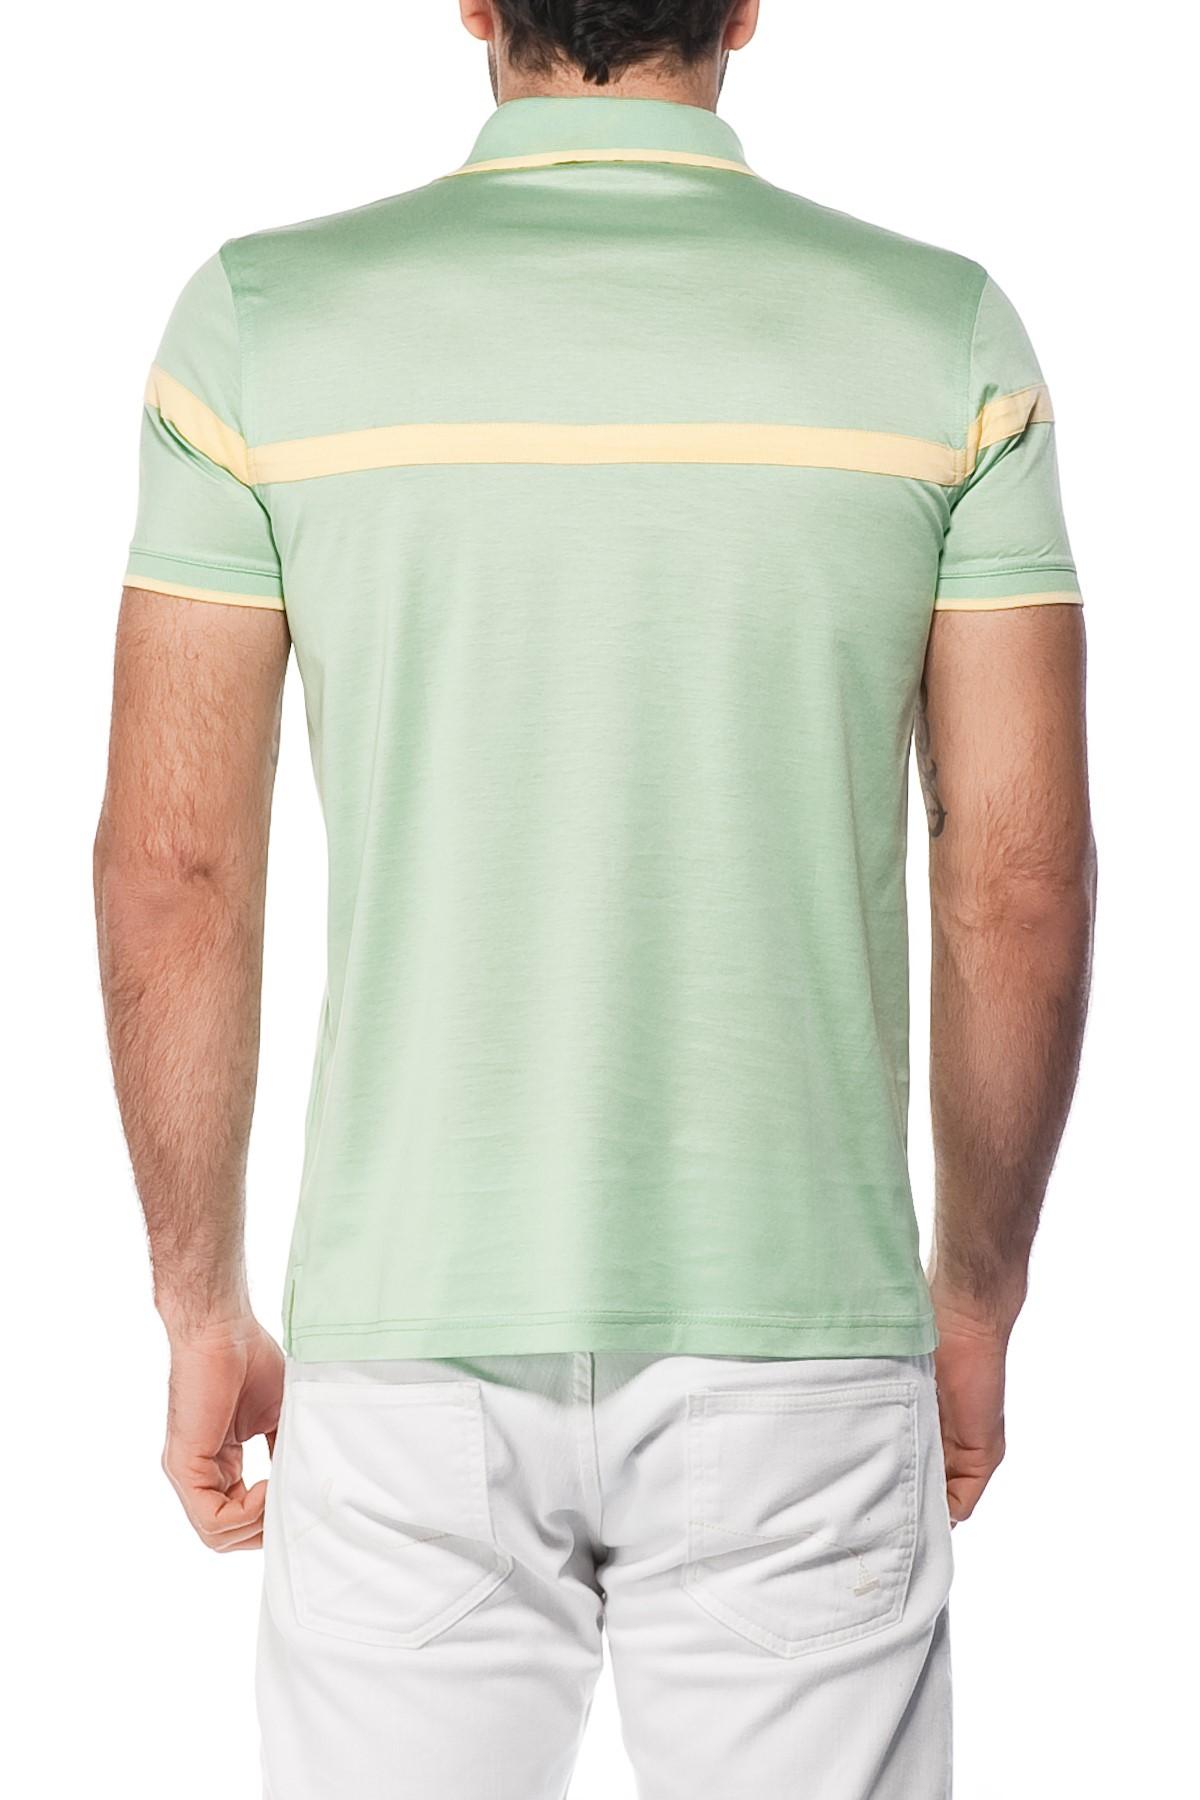 Karaca Fıstık Yeşili Erkek T-Shirt - 113206006 2